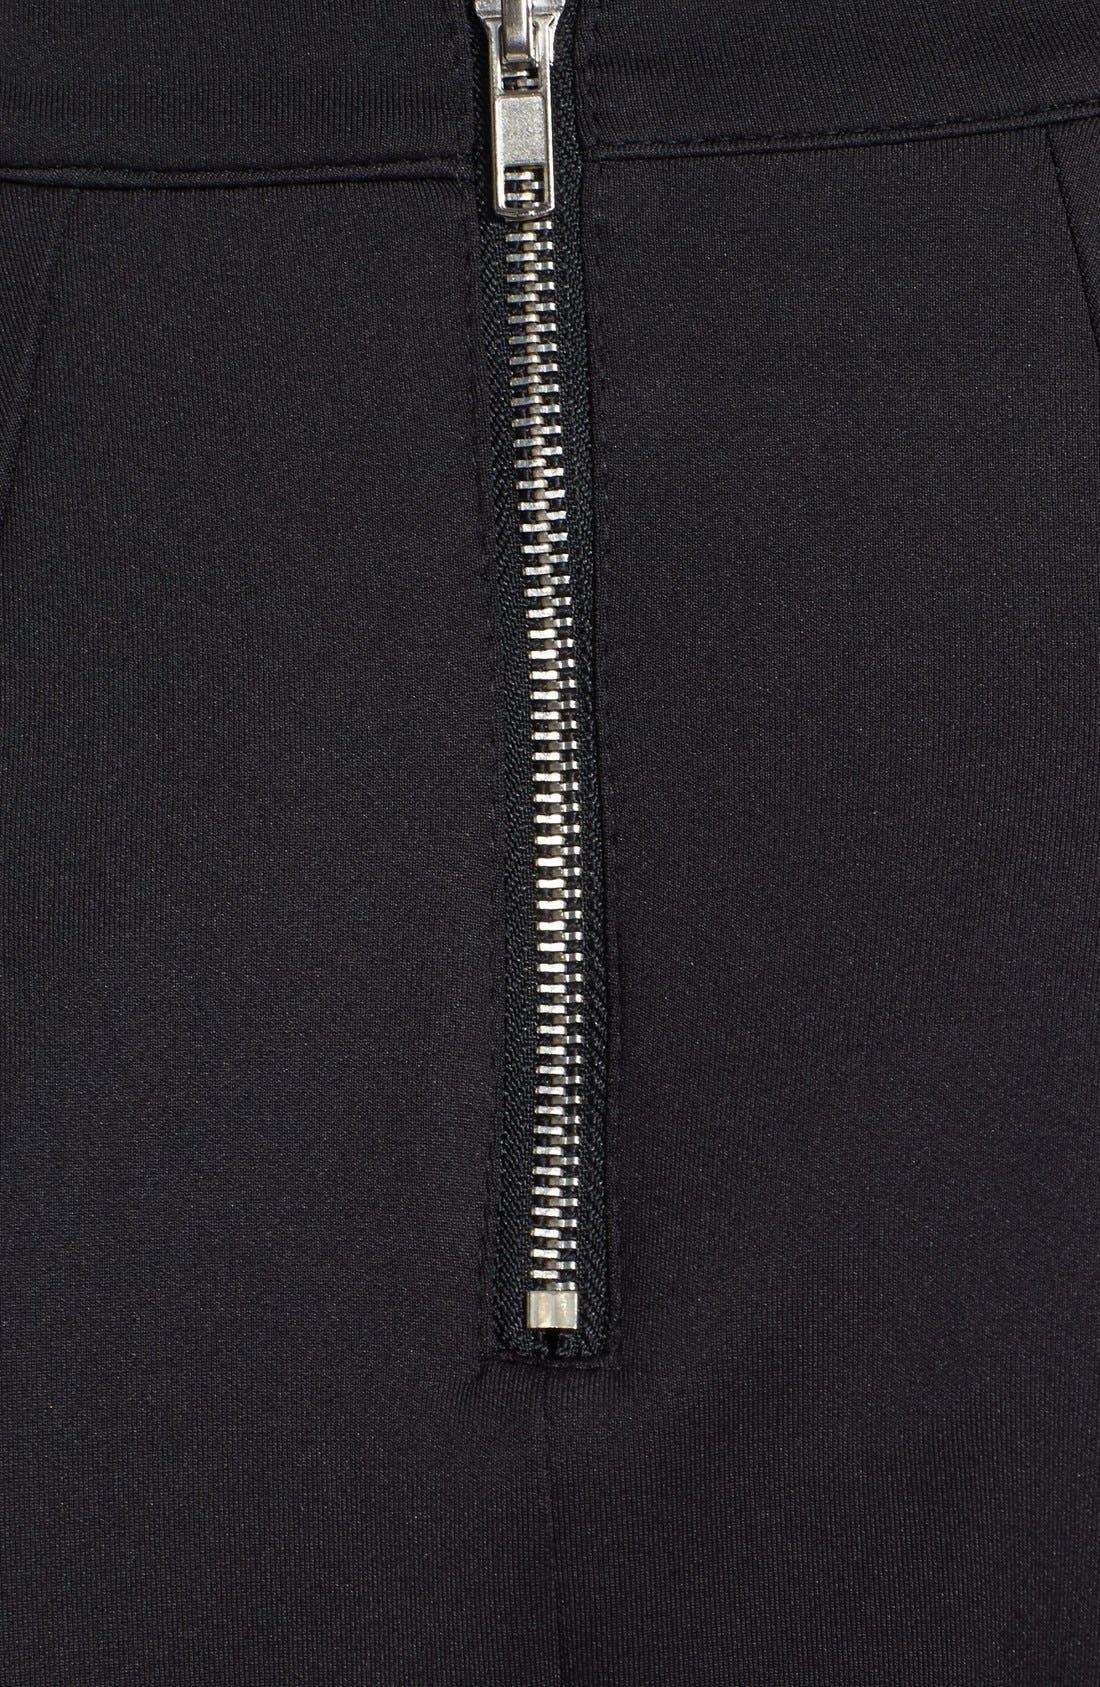 Pleat Jersey Skater Skirt,                             Alternate thumbnail 3, color,                             Black